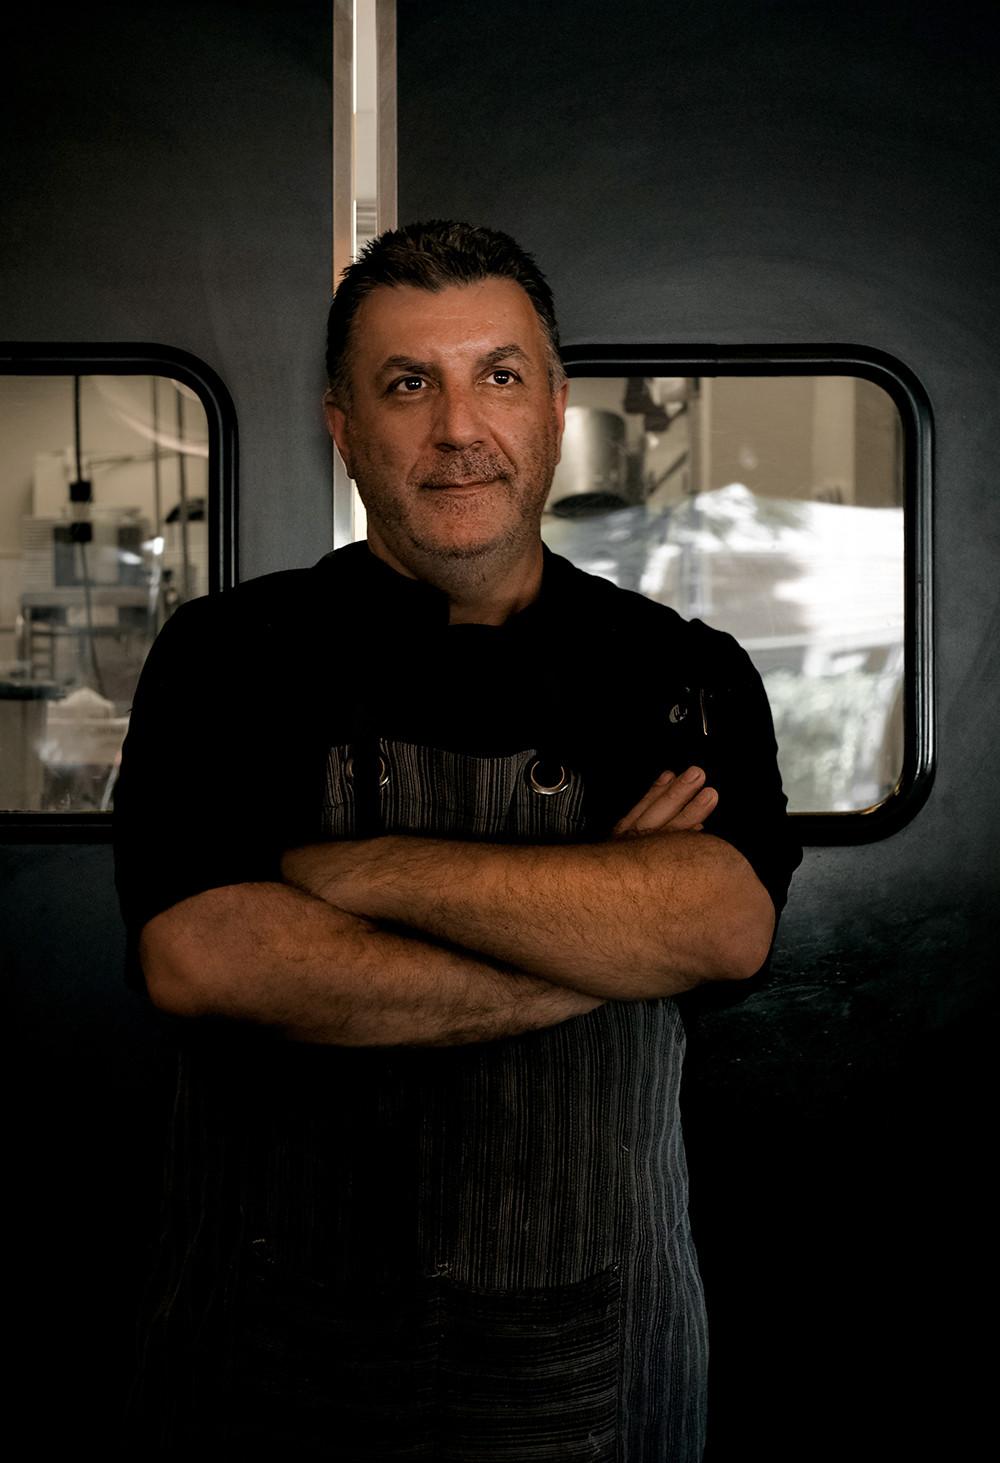 Tutti Mangia Italian Grill Hires New Head Chef